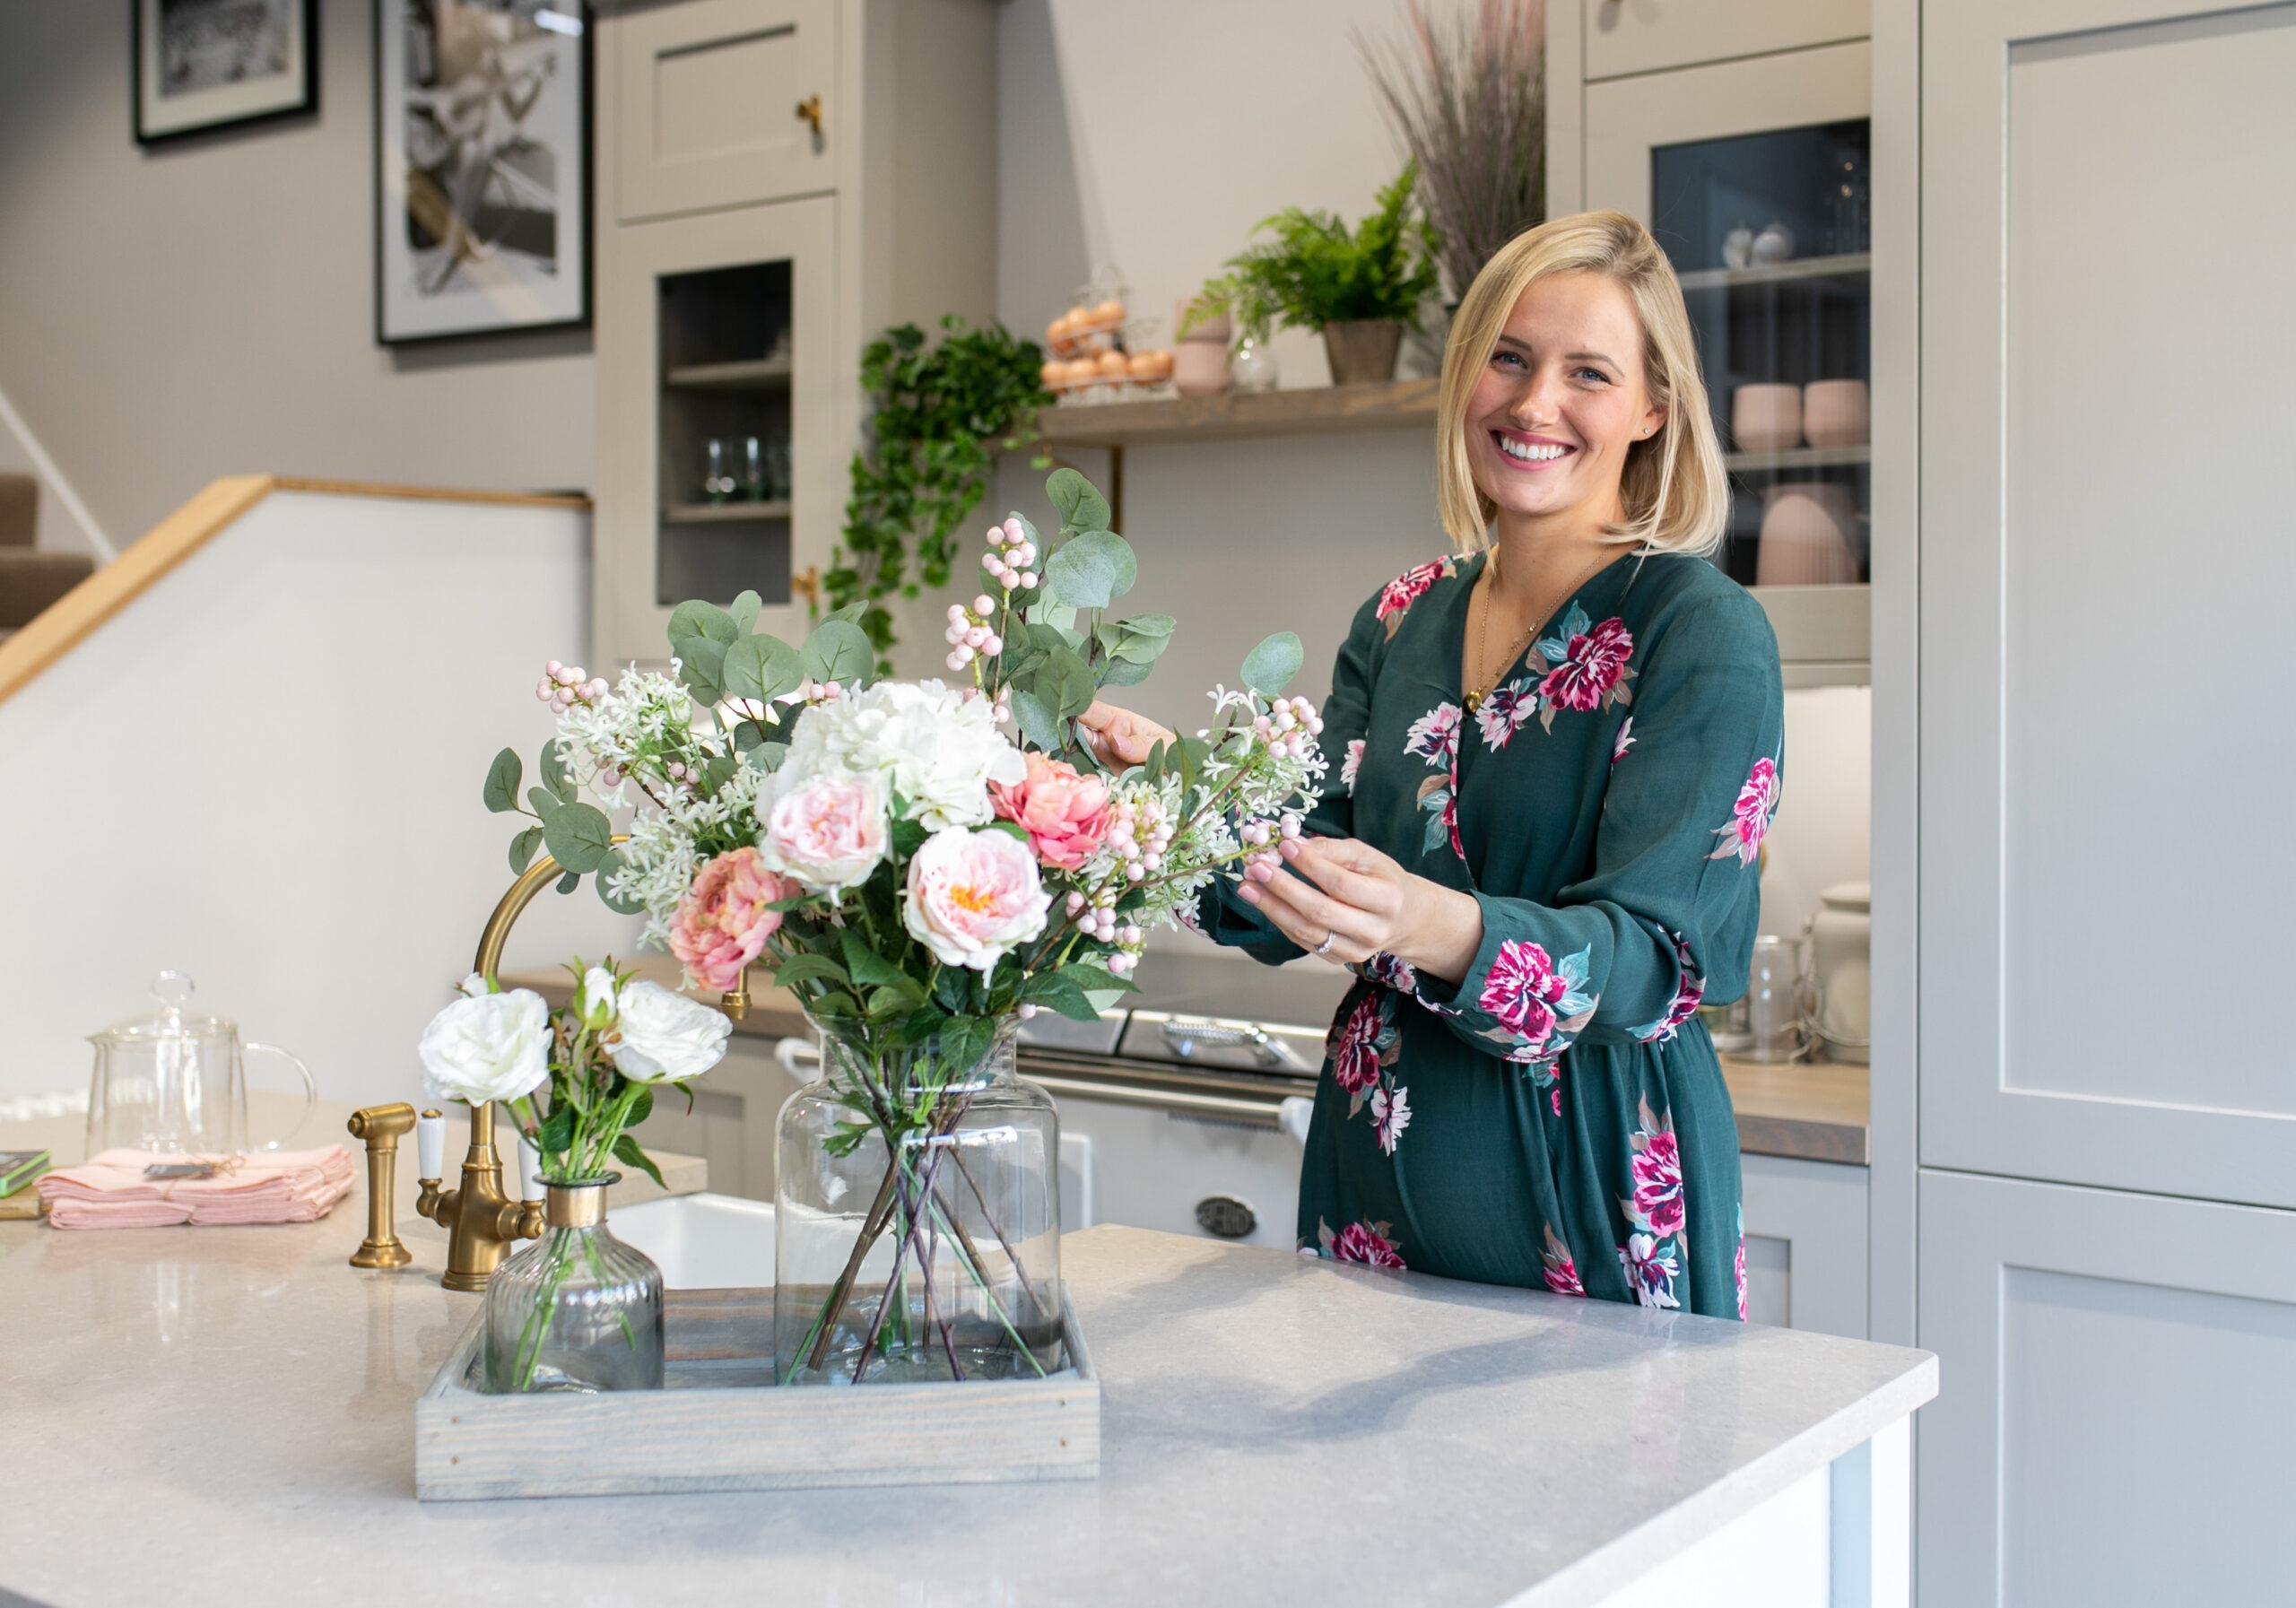 Make Your Kitchen Blossom!